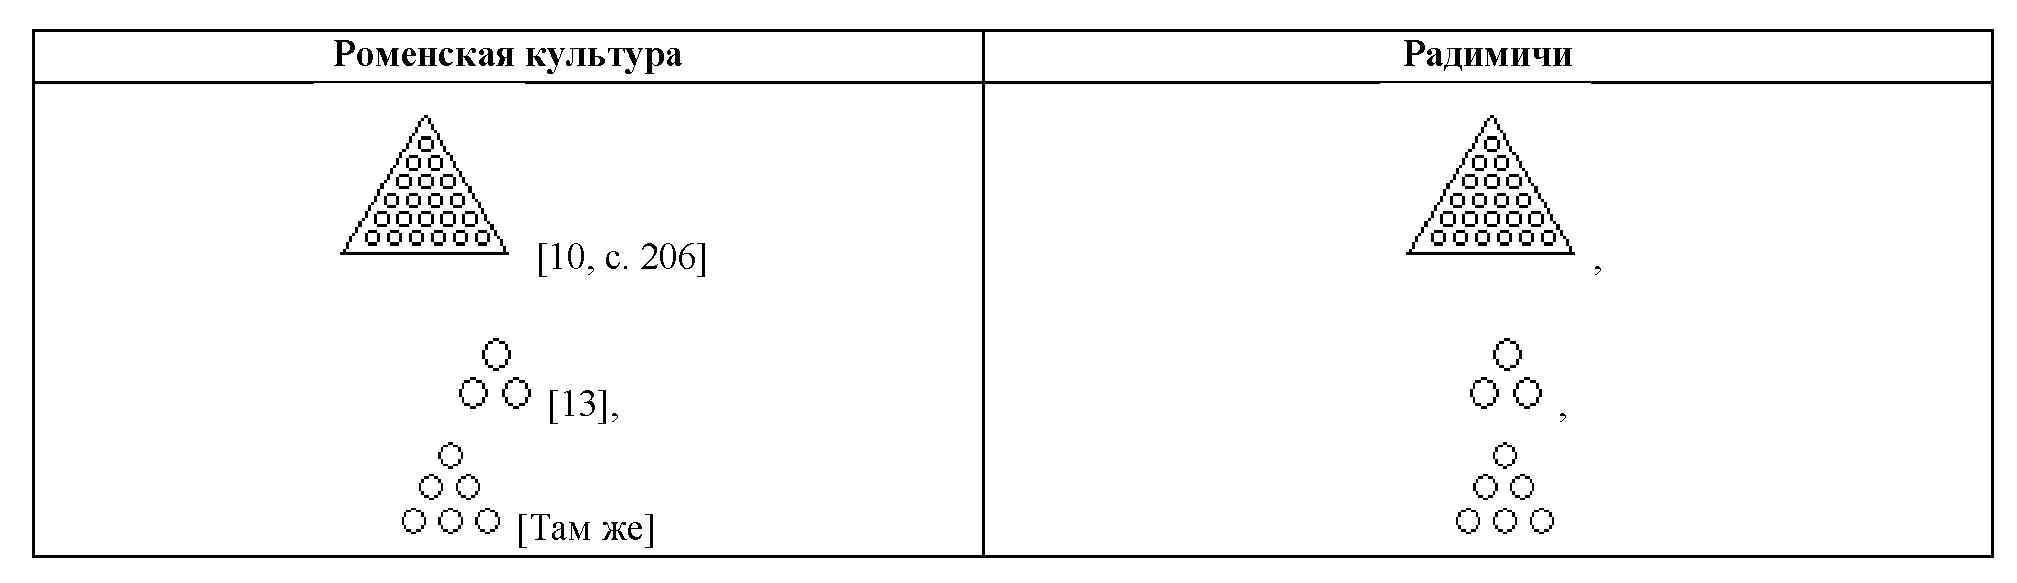 Таблица 4. Сравнение графических символов радимичей с символами роменской культуры